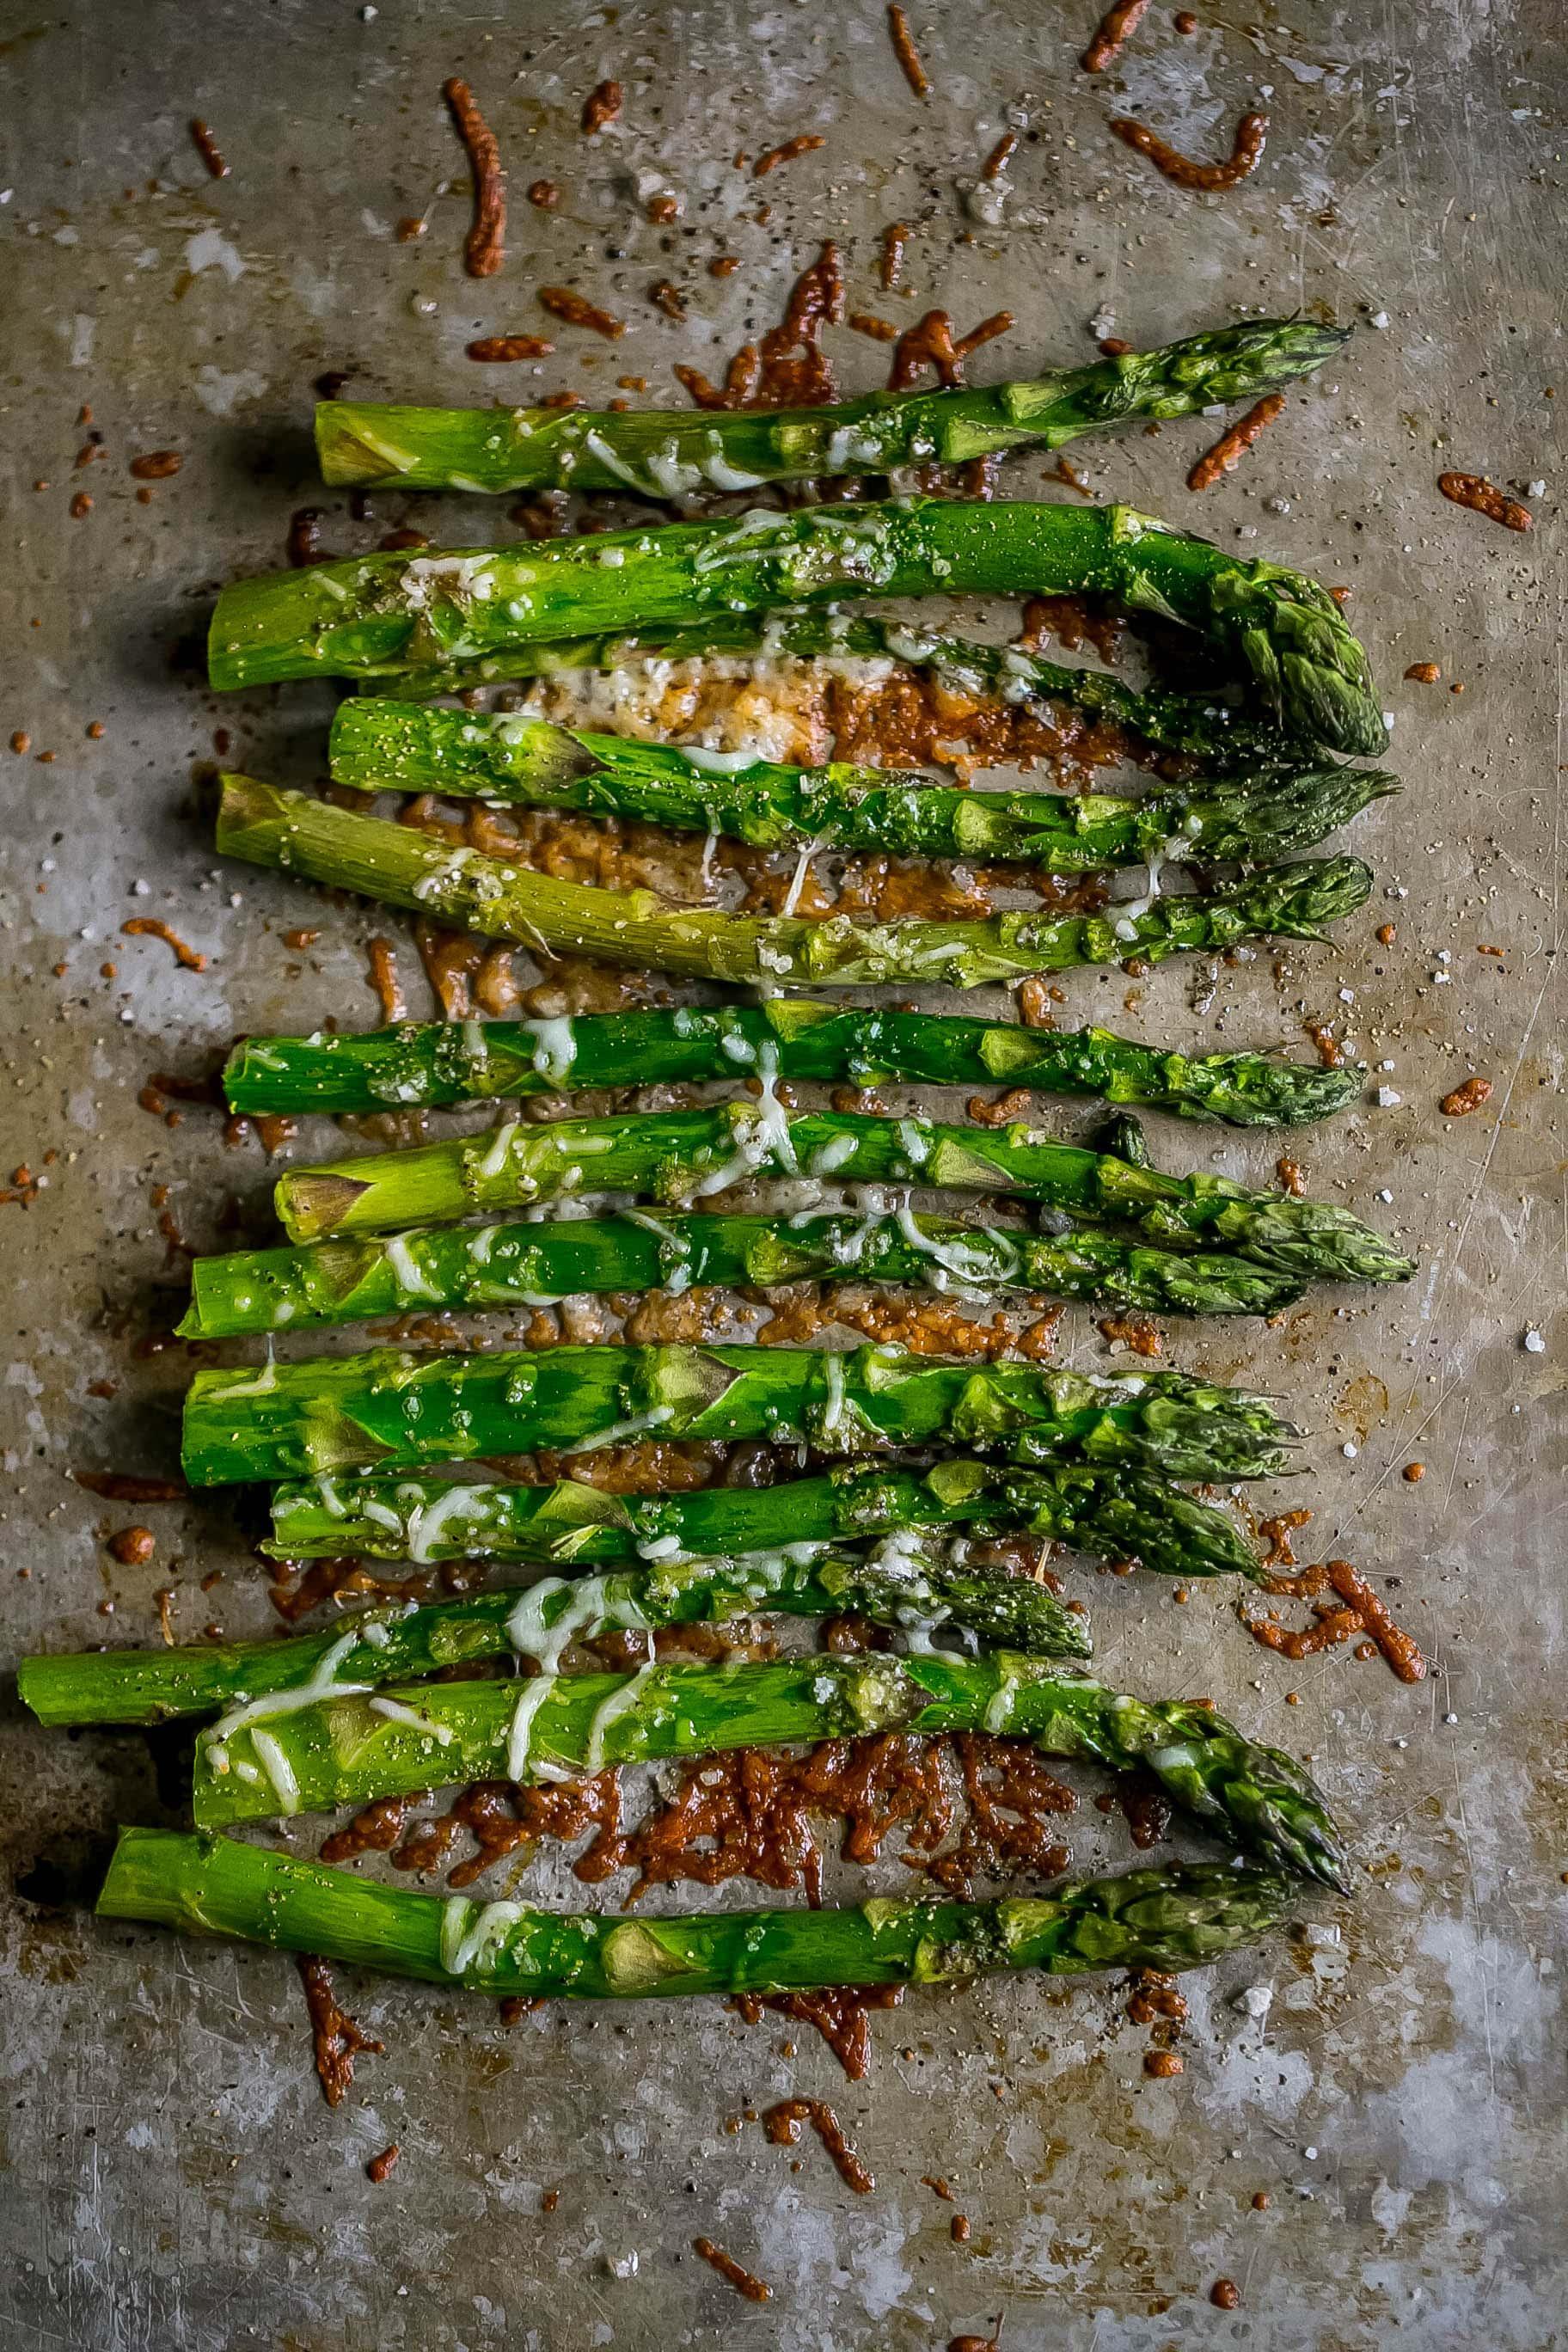 asparagus, keto asparagus, asparagus with parmesan, asparagus in the oven, baked asparagus, perfect baked asparagus, paleo asparagus, crunchy baked asparagus